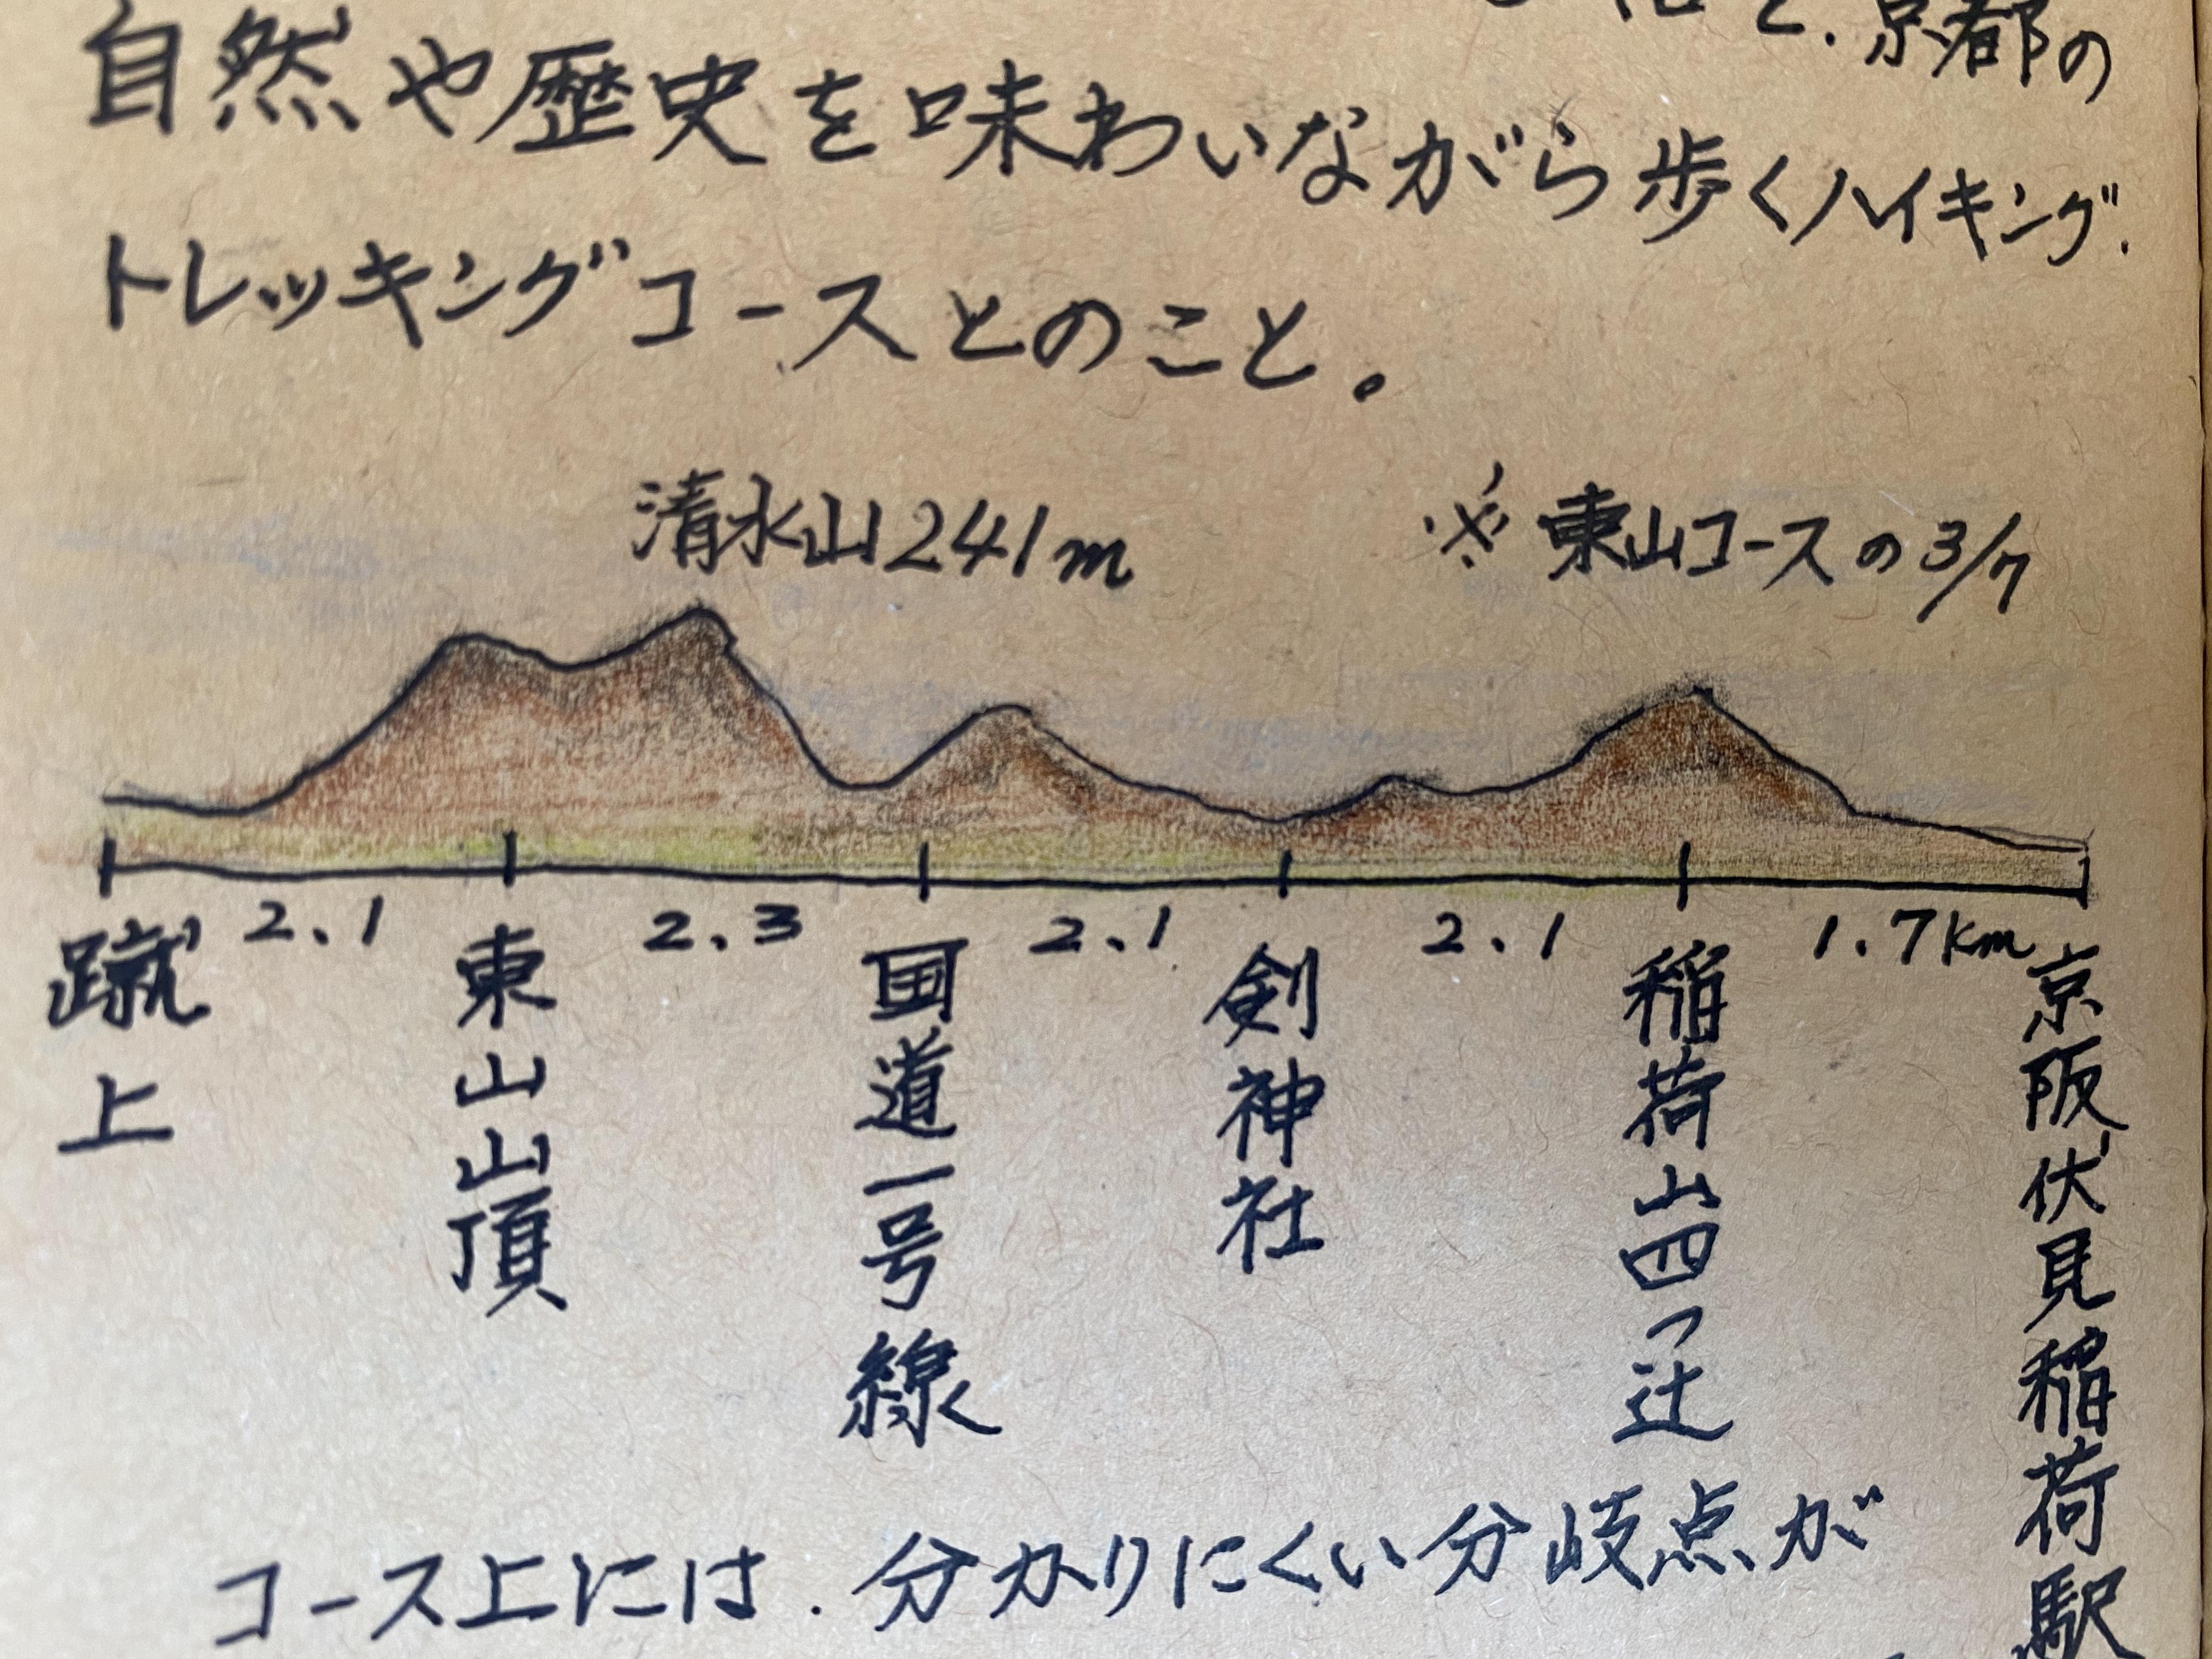 トレイル絵図